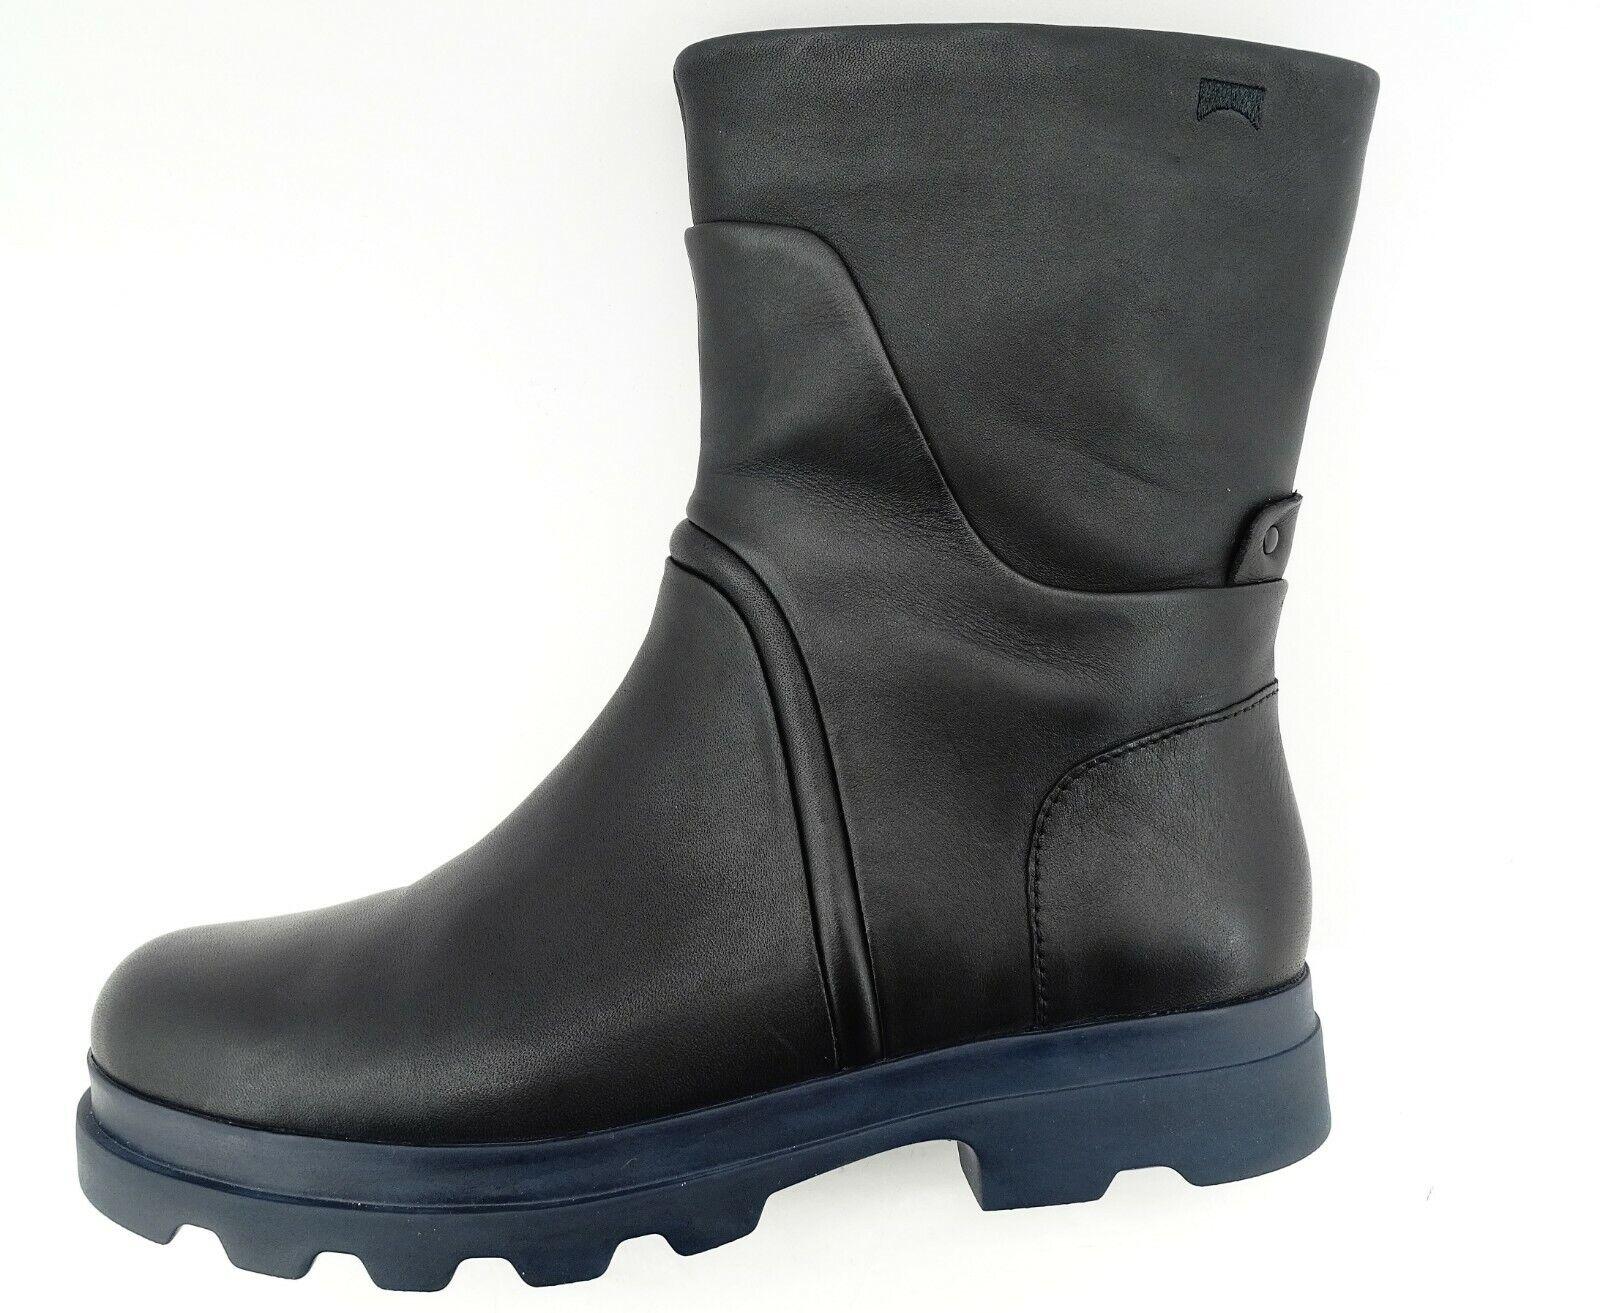 CAMPER Damen Schuhe Supersoft schwarz Schwarz Stiefelleten Stiefel Leder Gr 38